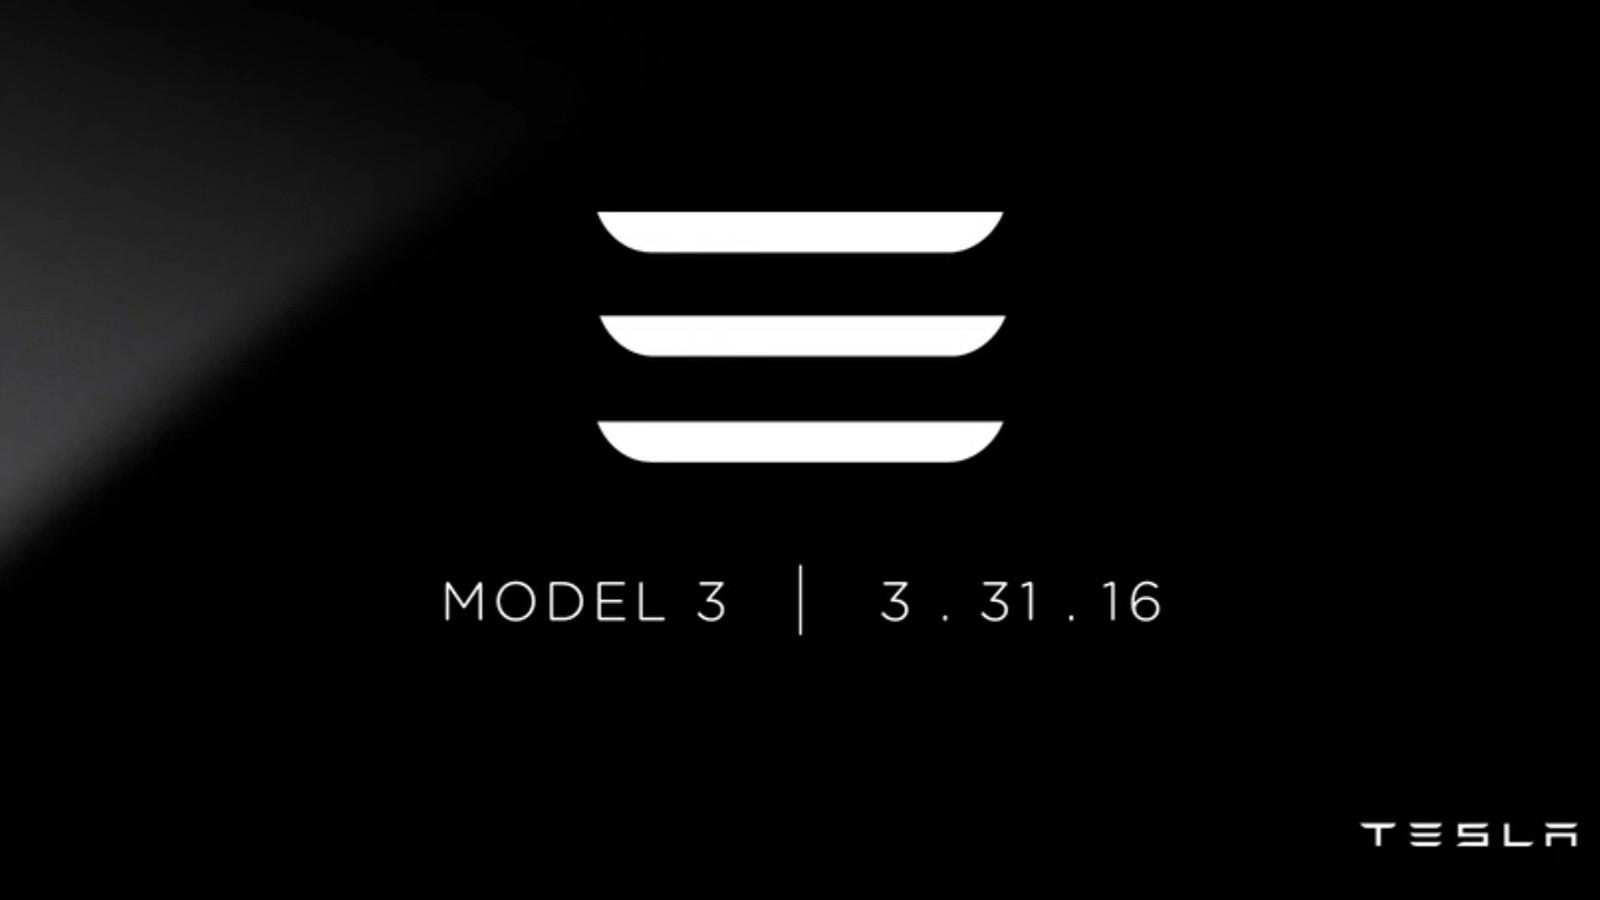 Полагаем, что логотип Adidas помнят все. Это изображение — скриншот с презентации Tesla Model 3